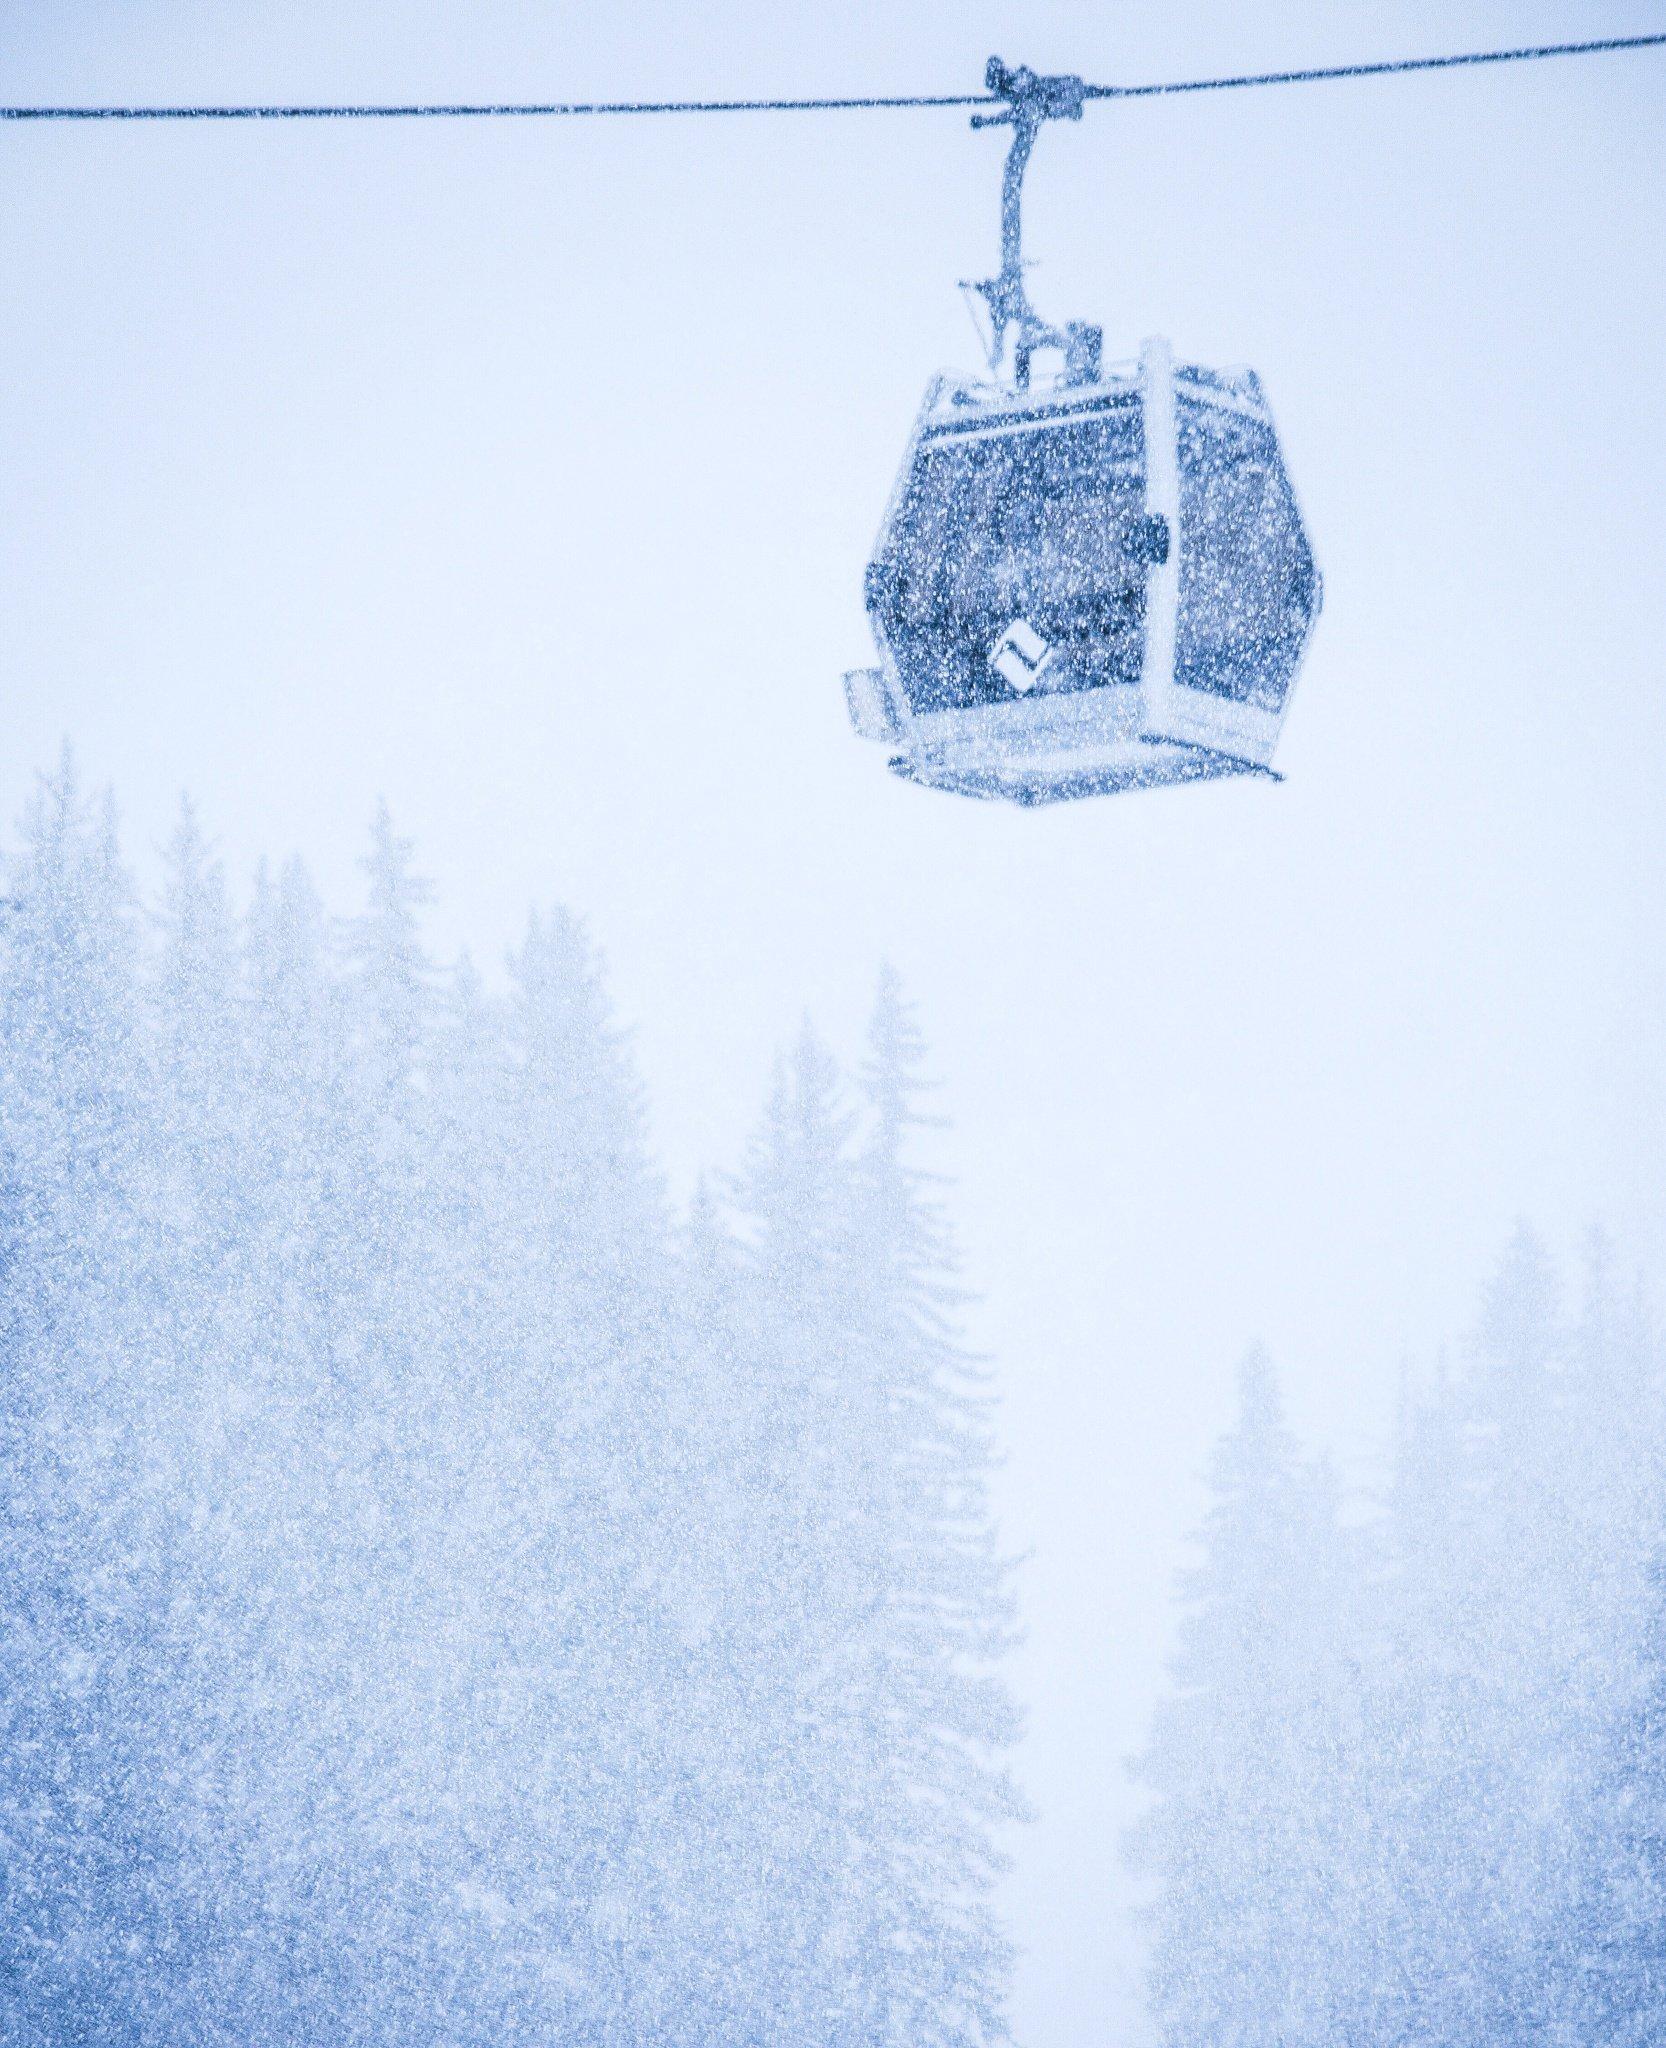 Vail Snow 1.12.18_JoeyReuteman_(6).jpg